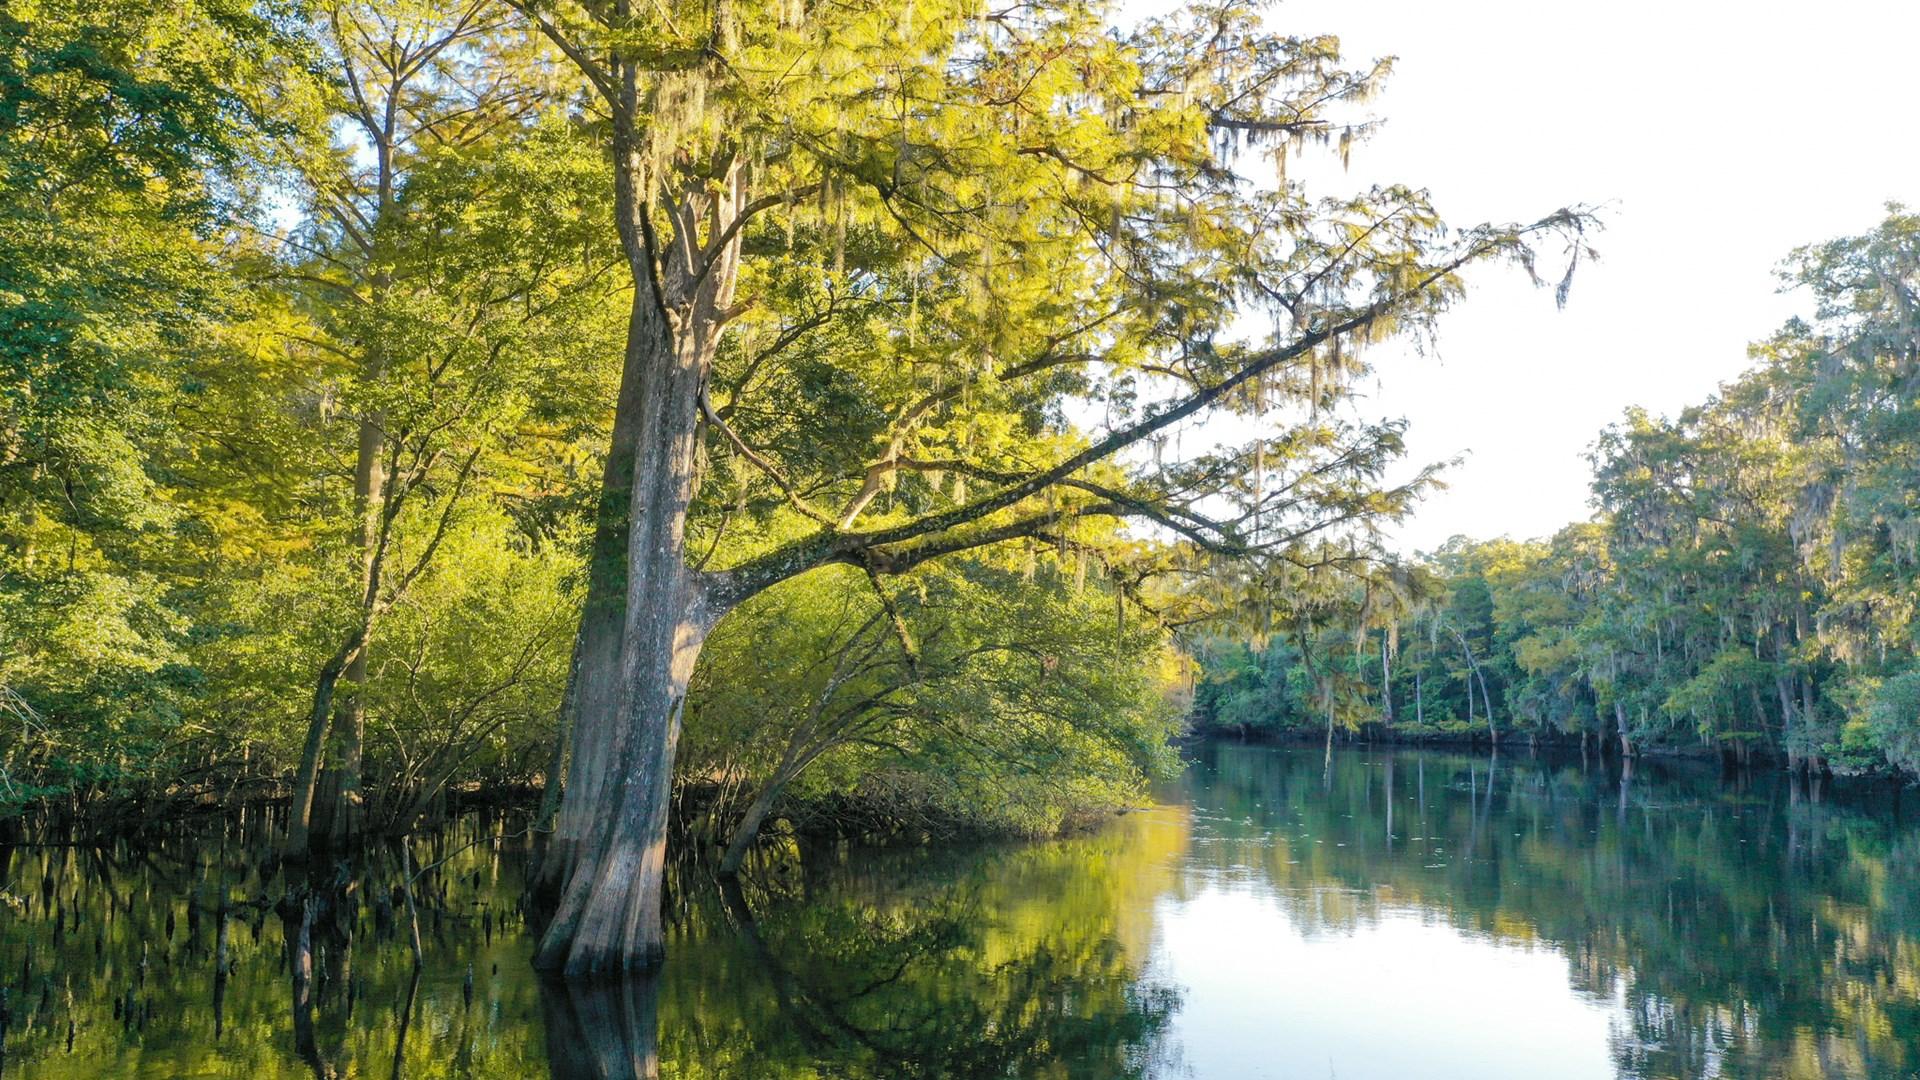 Build your Santa Fe River Nature Retreat